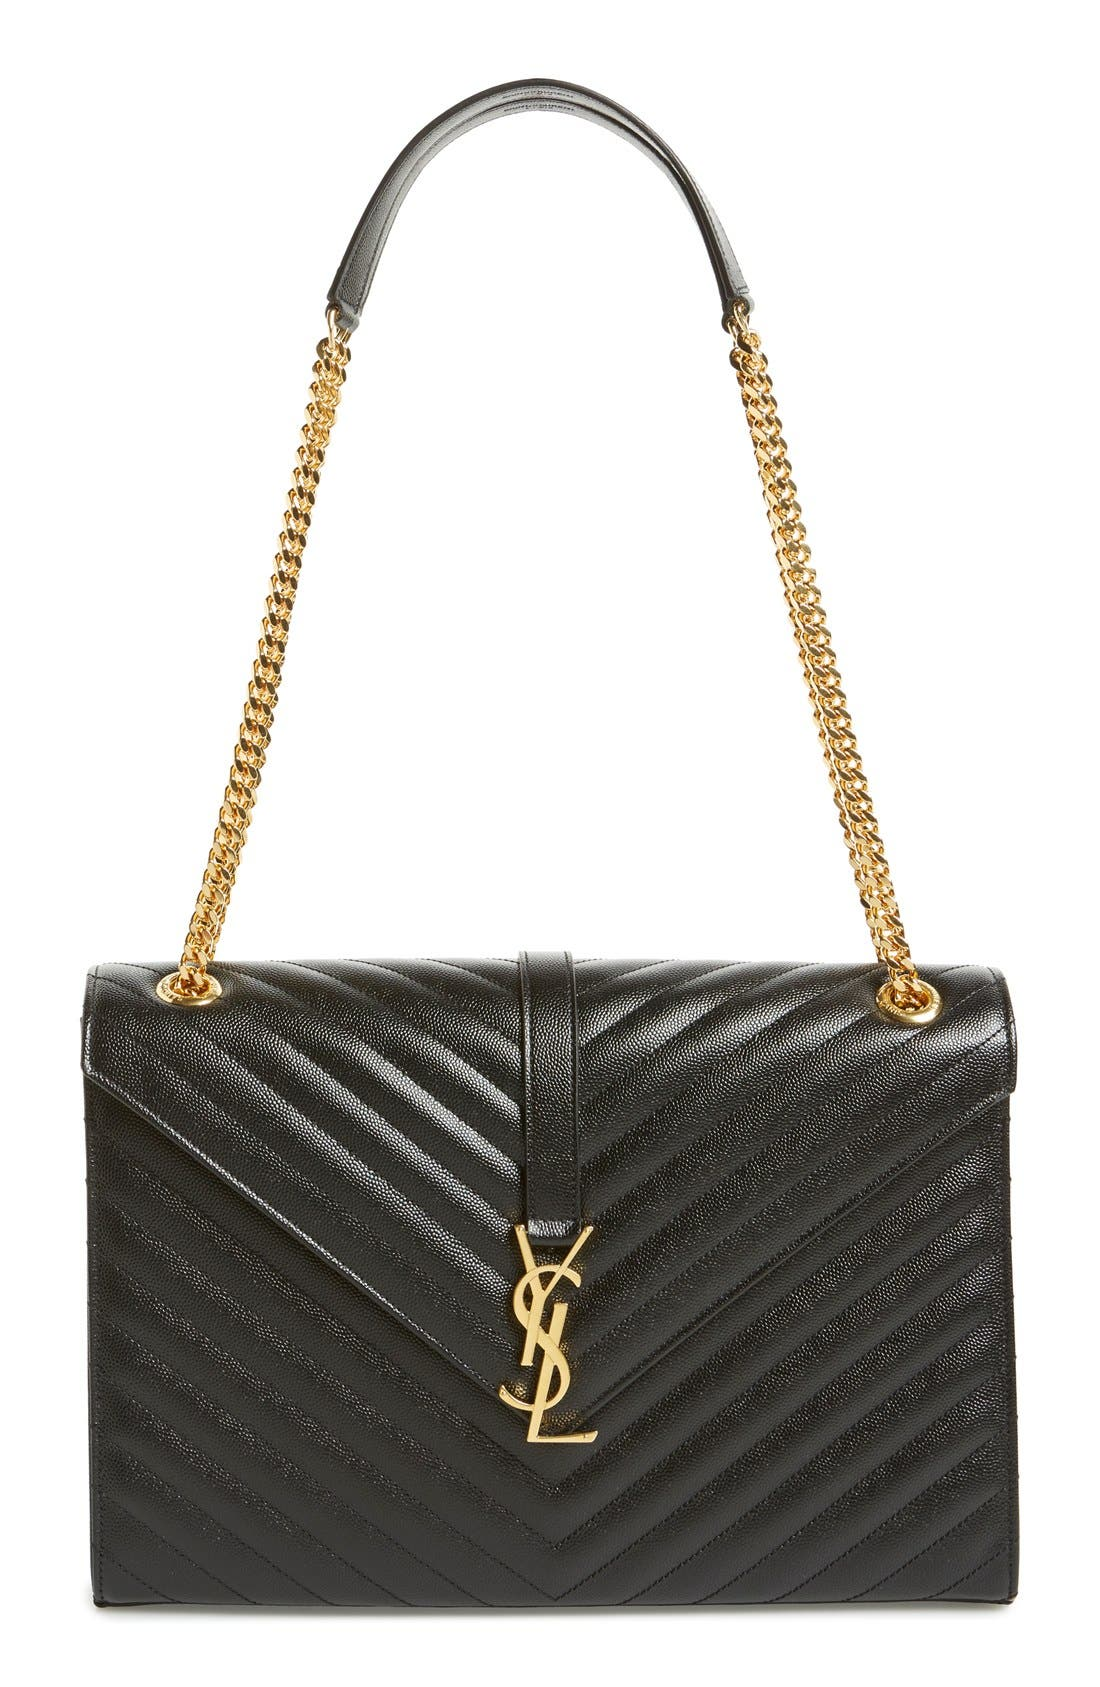 Alternate Image 1 Selected - Saint Laurent 'Large Monogram' Grained Leather Shoulder Bag